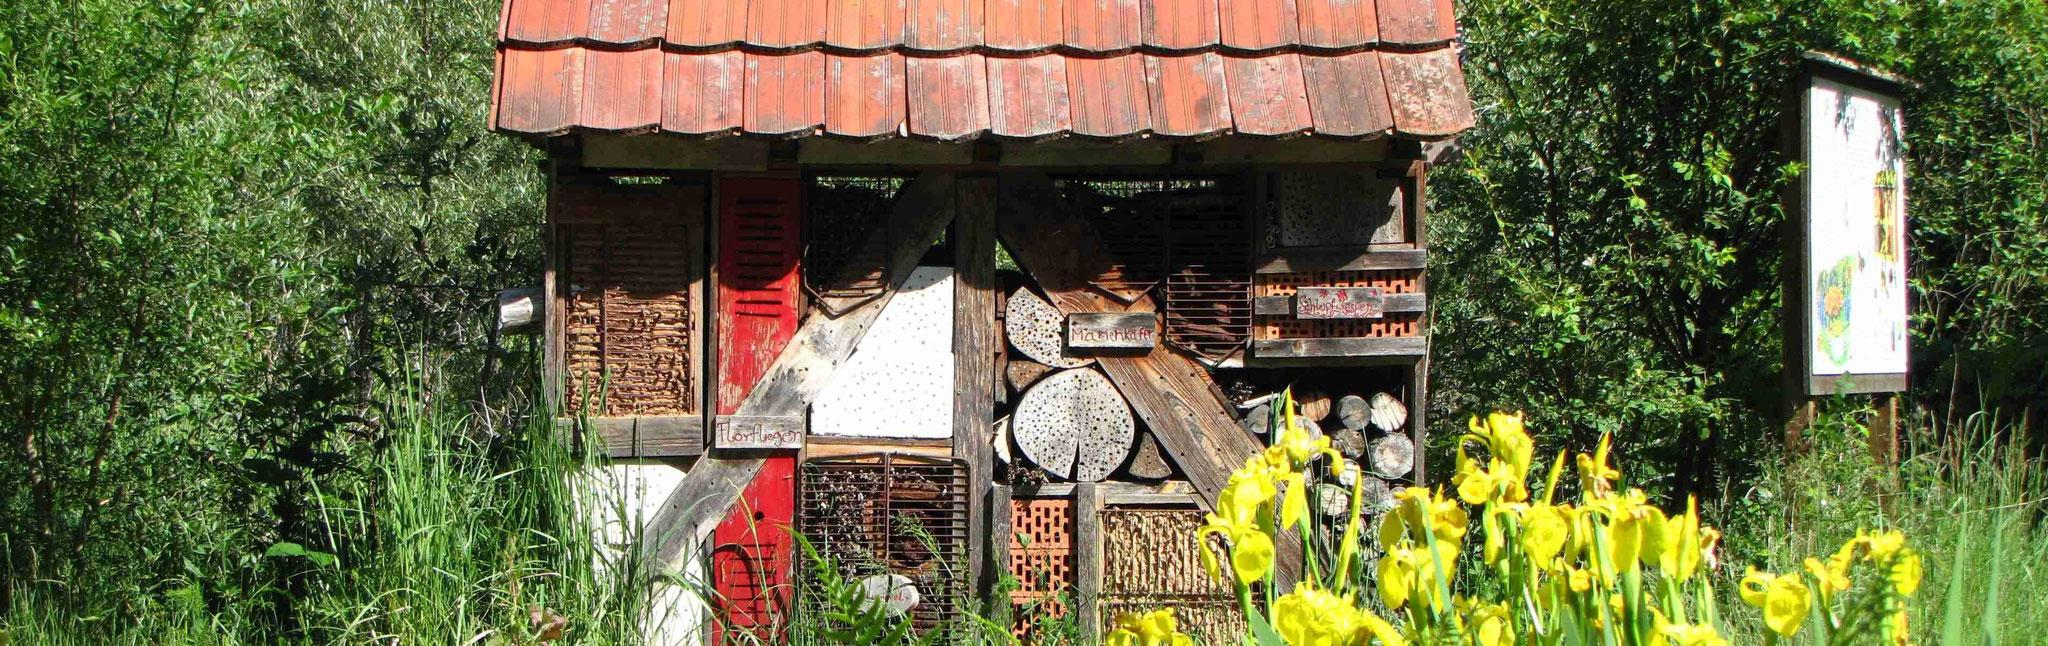 Das Insektenhotel, Nisthilfe für Wildbienen